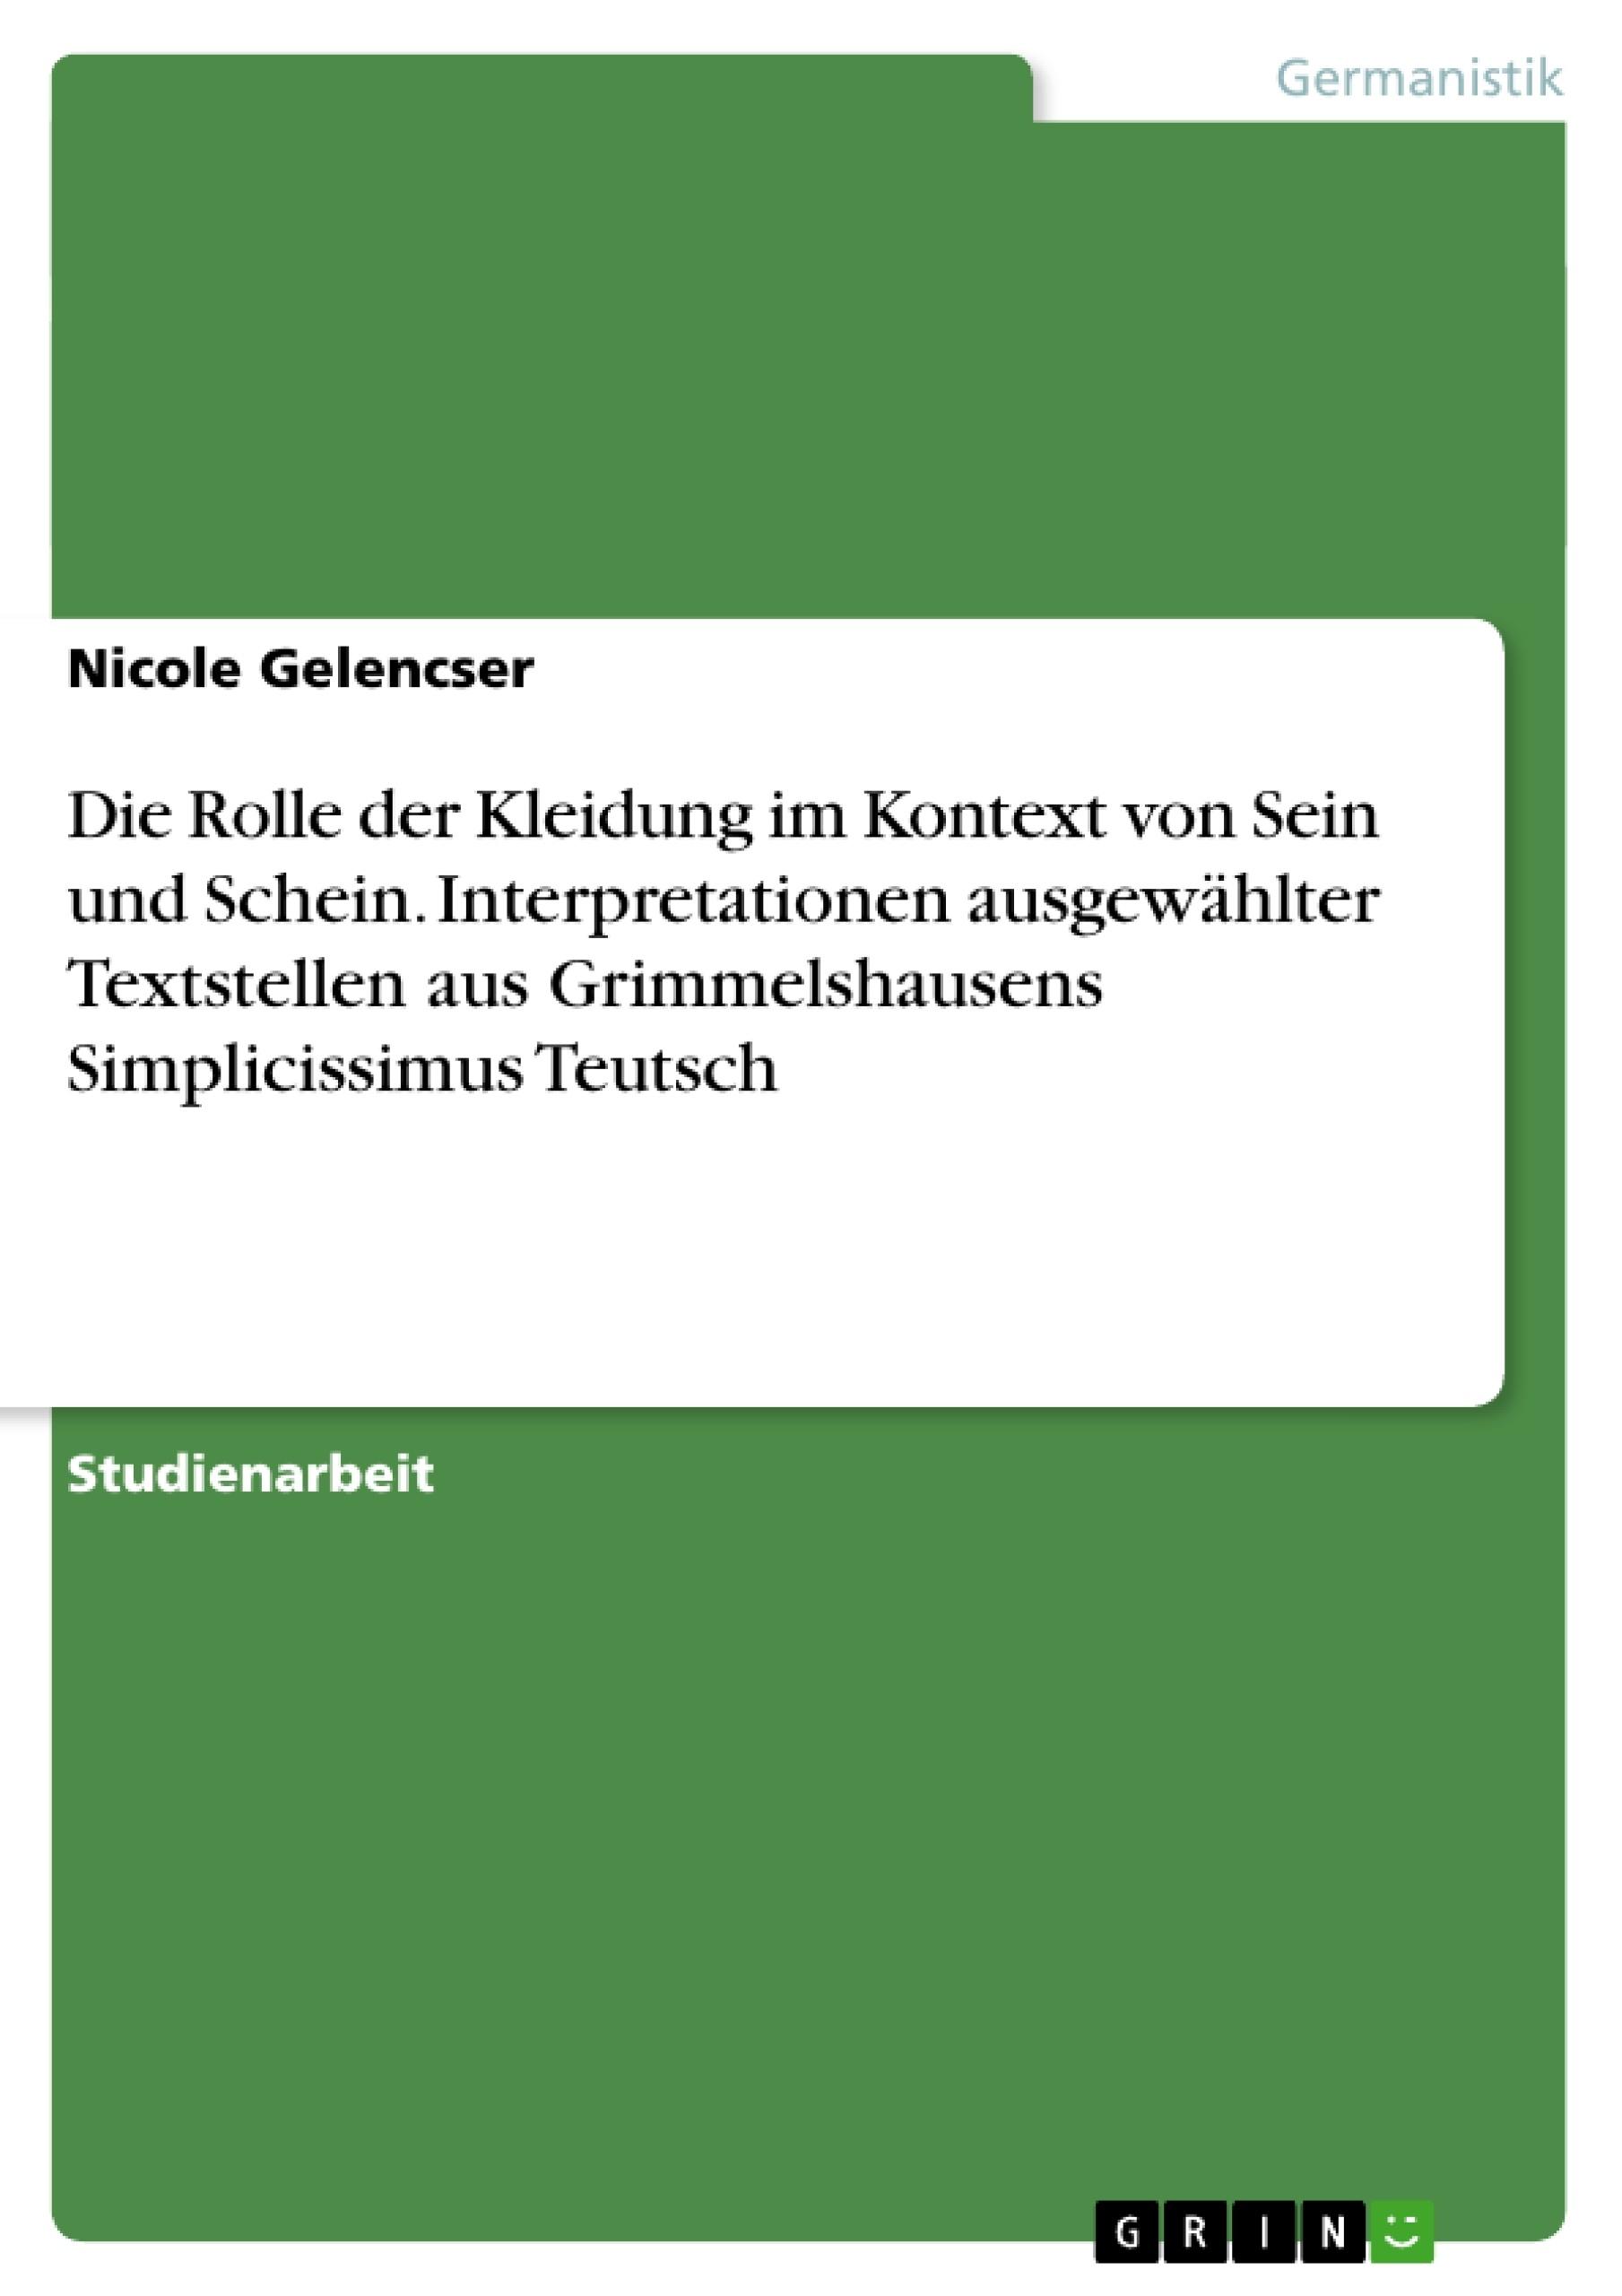 Titel: Die Rolle der Kleidung im Kontext von Sein und Schein. Interpretationen ausgewählter Textstellen aus Grimmelshausens Simplicissimus Teutsch